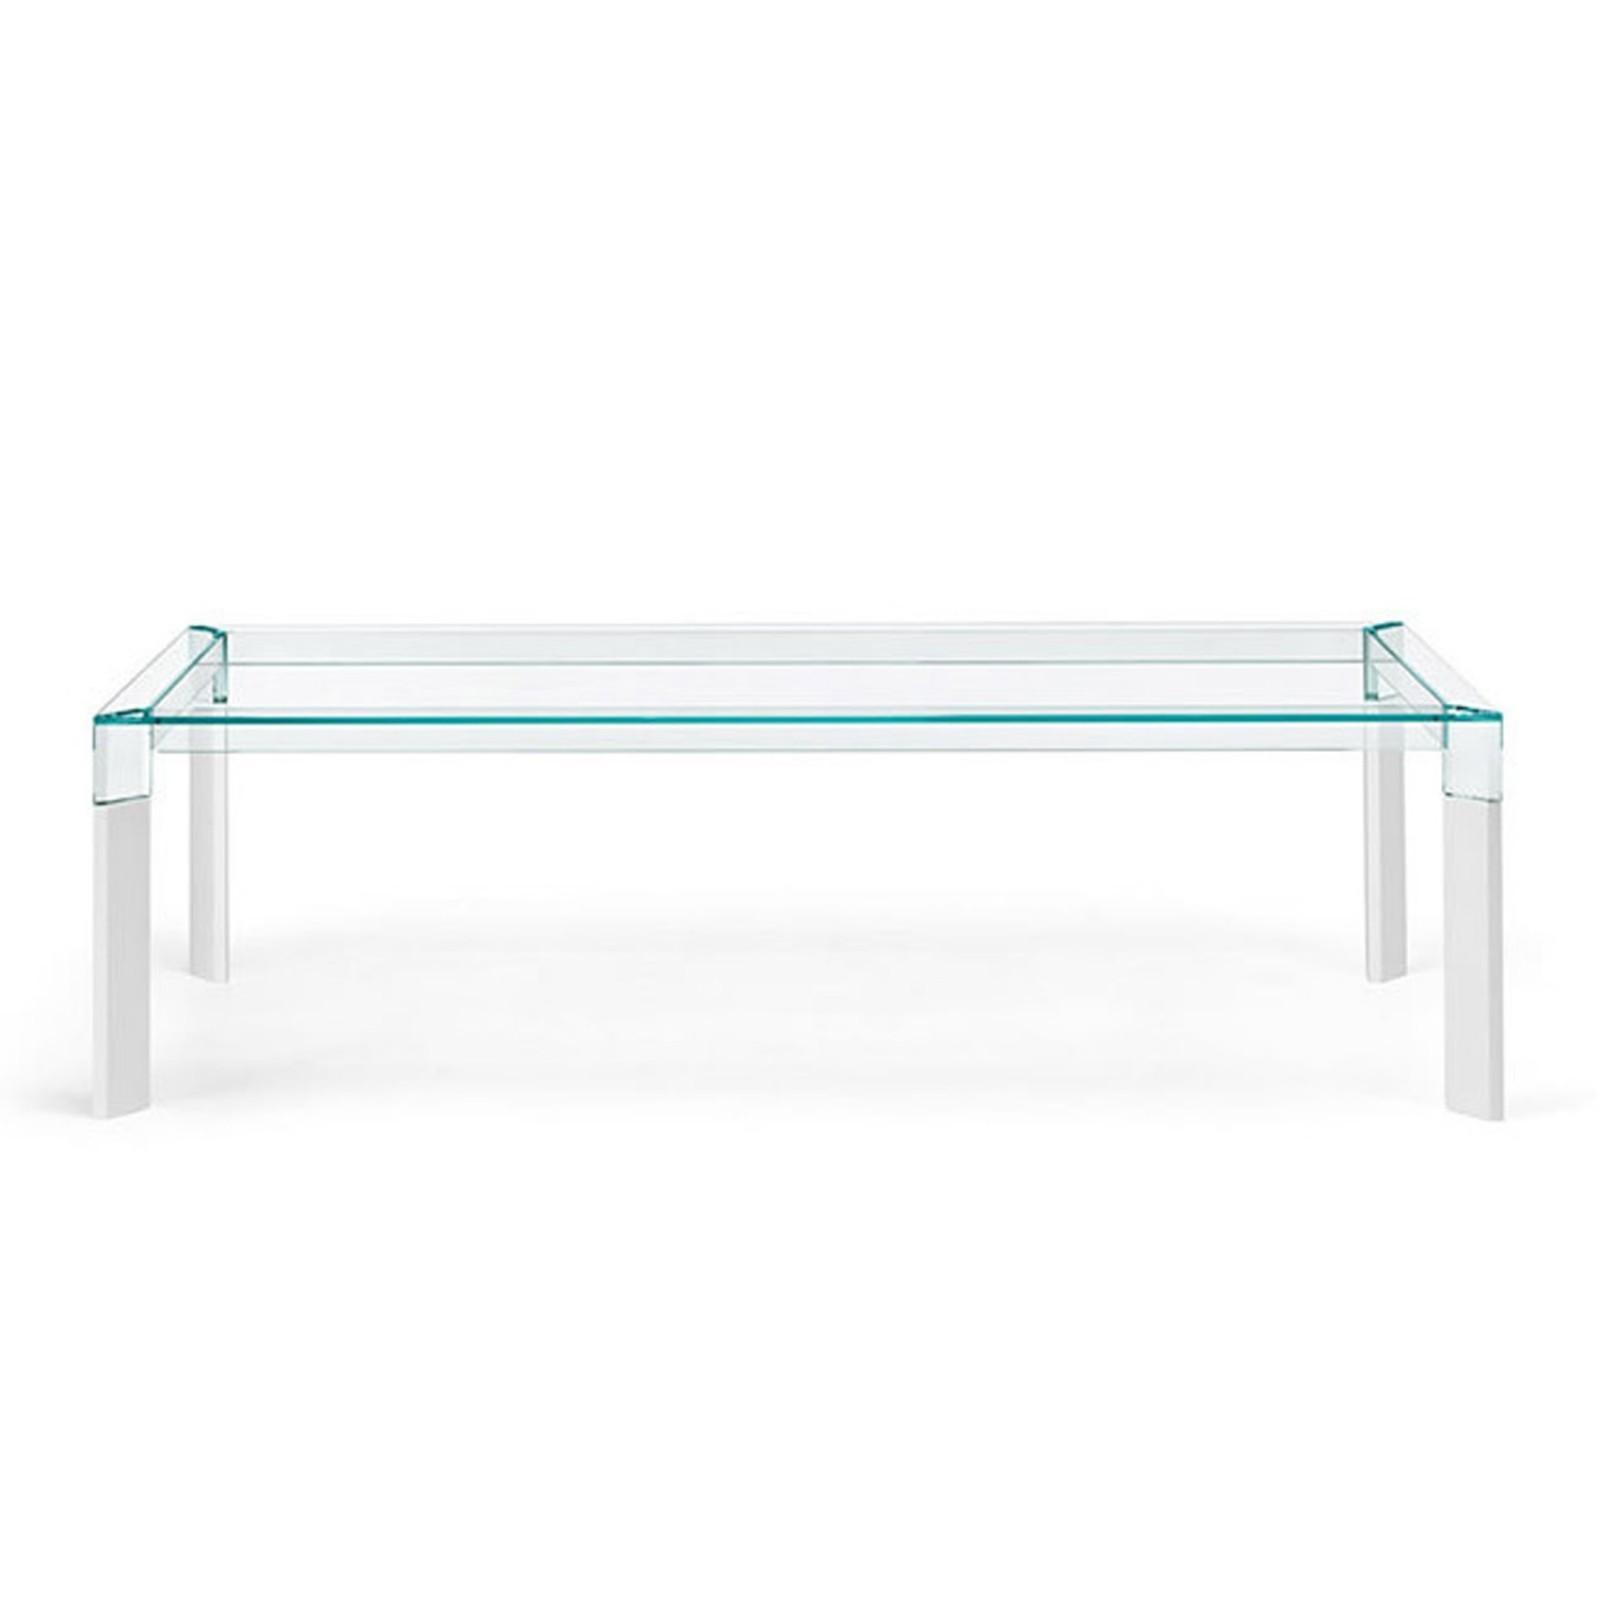 Γυάλινο Τραπέζι Perseo (Λευκό) - Tonelli Design